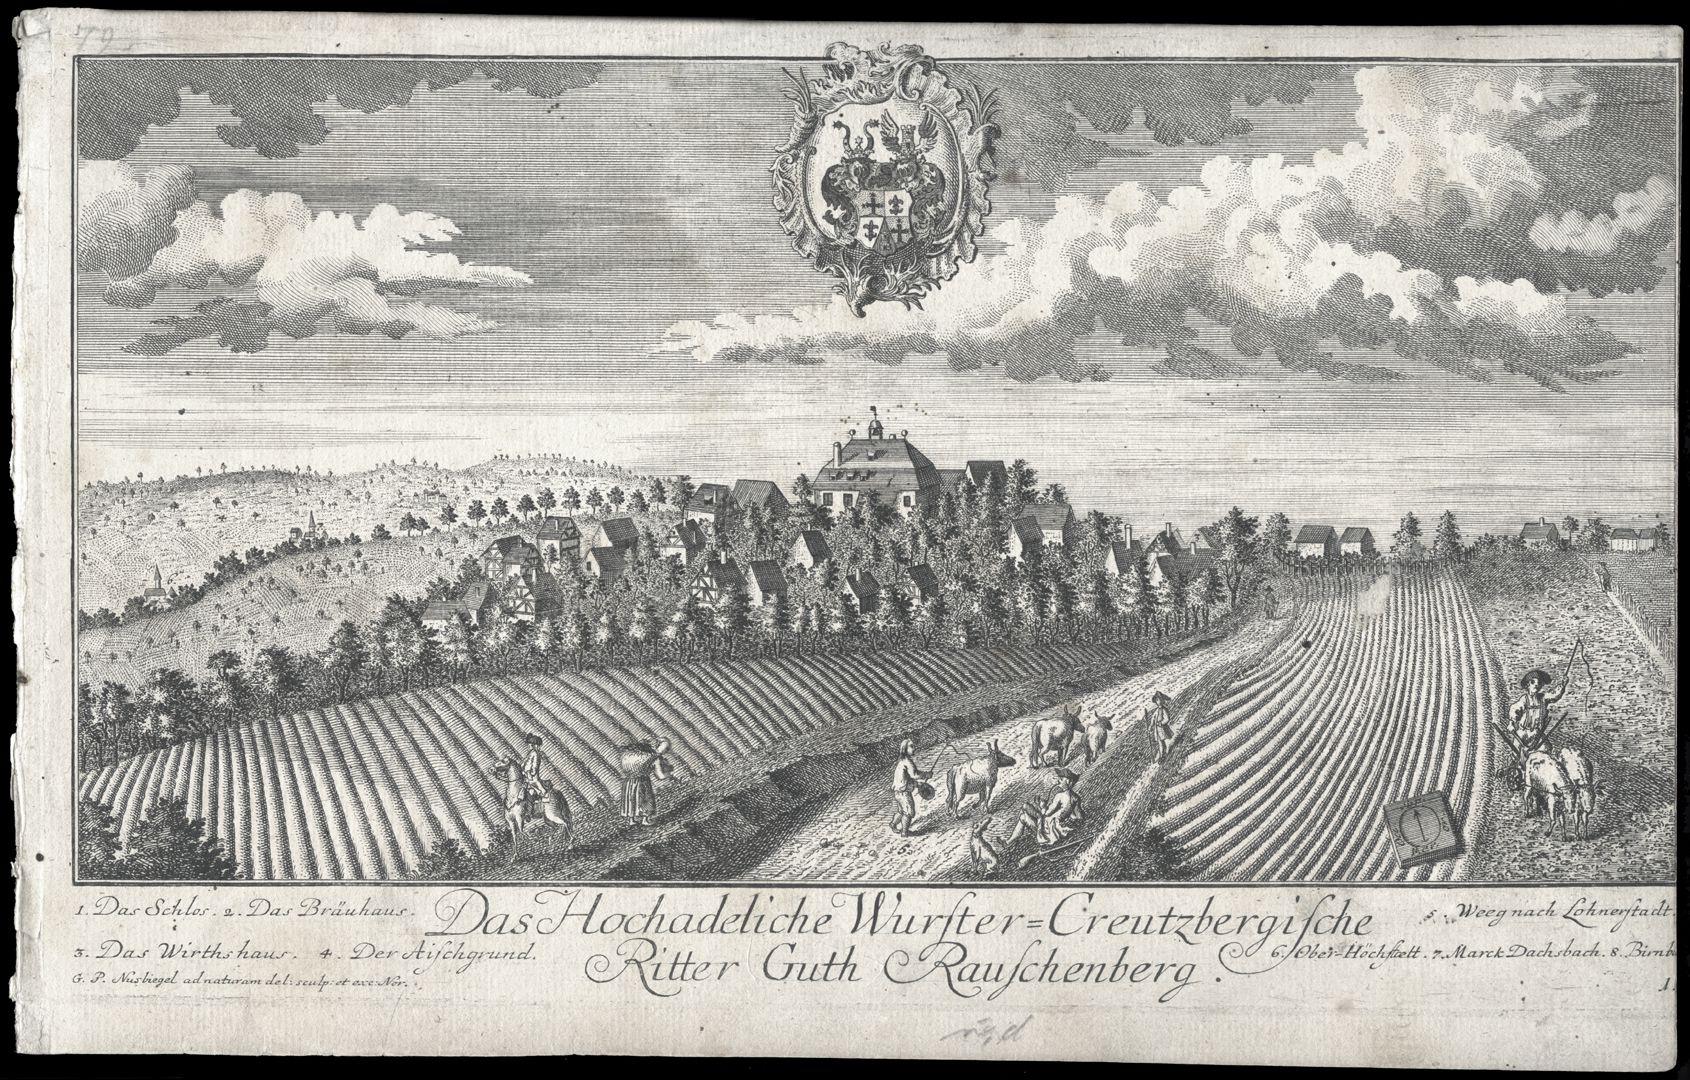 Das Hochadeliche Wurster=Creutzbergische Ritter Guth Rauschenberg